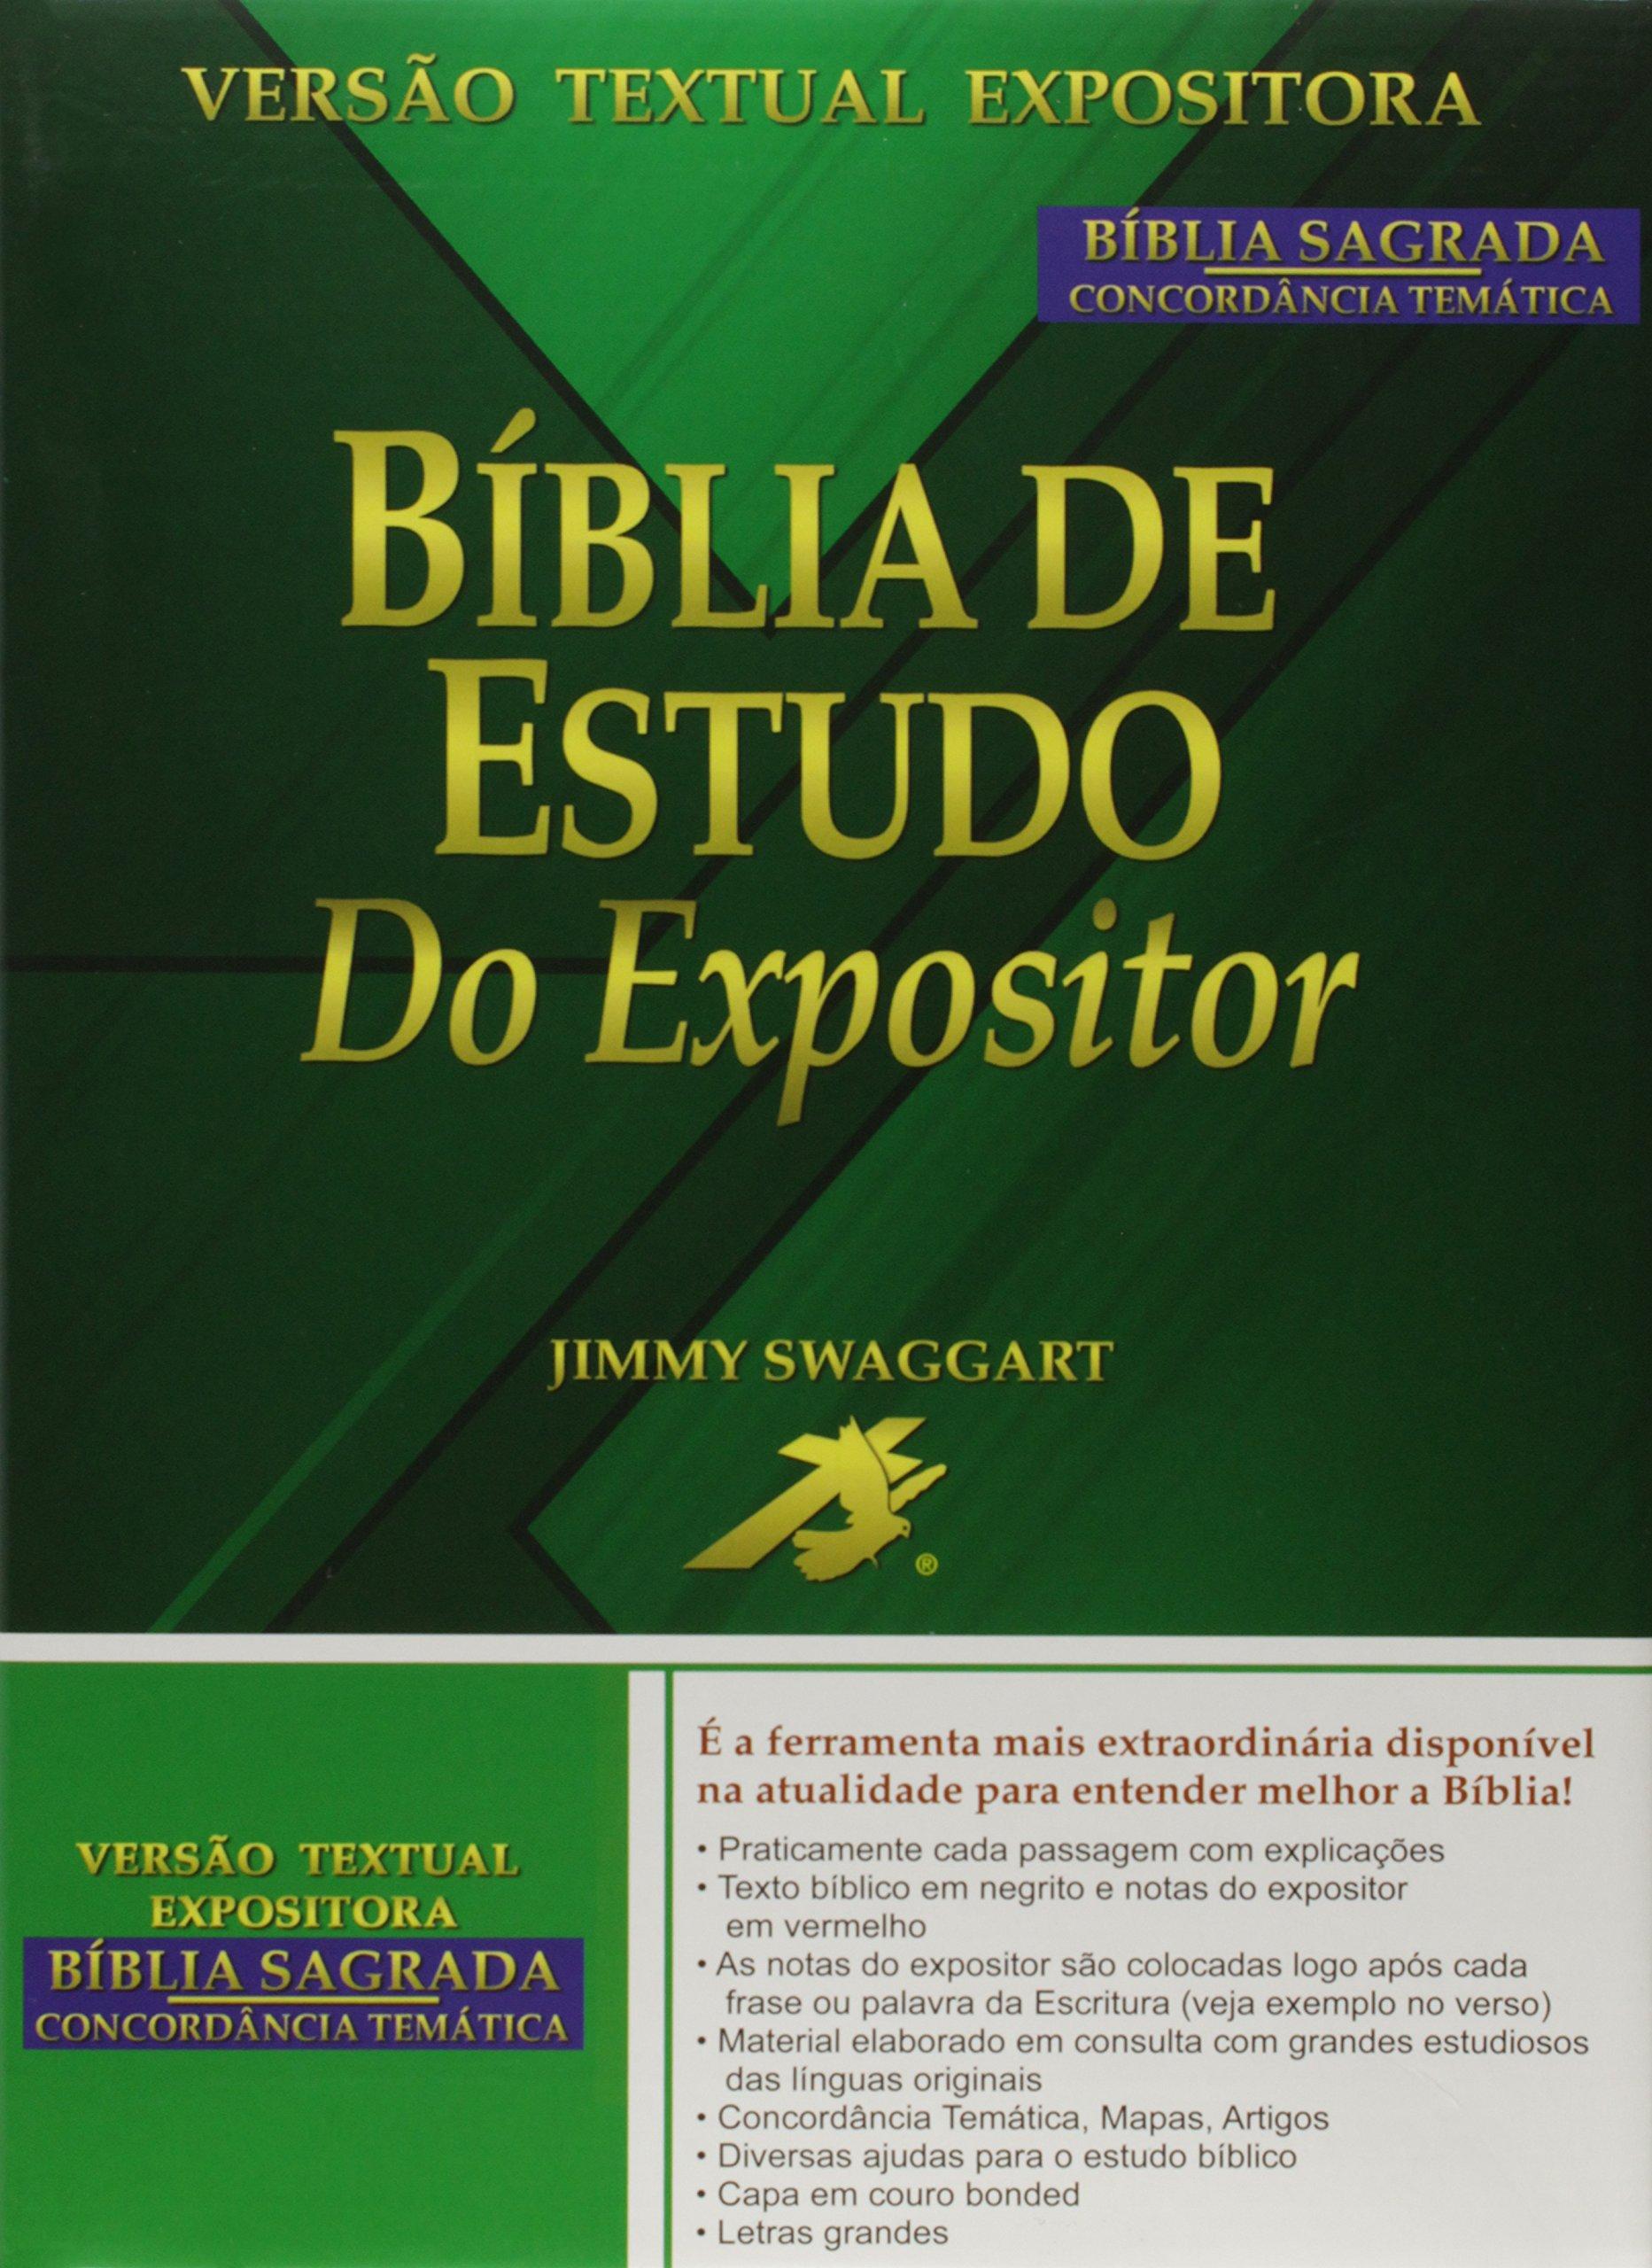 Bíblia De Estudo Do Expositor Amazones Vários Autores Libros